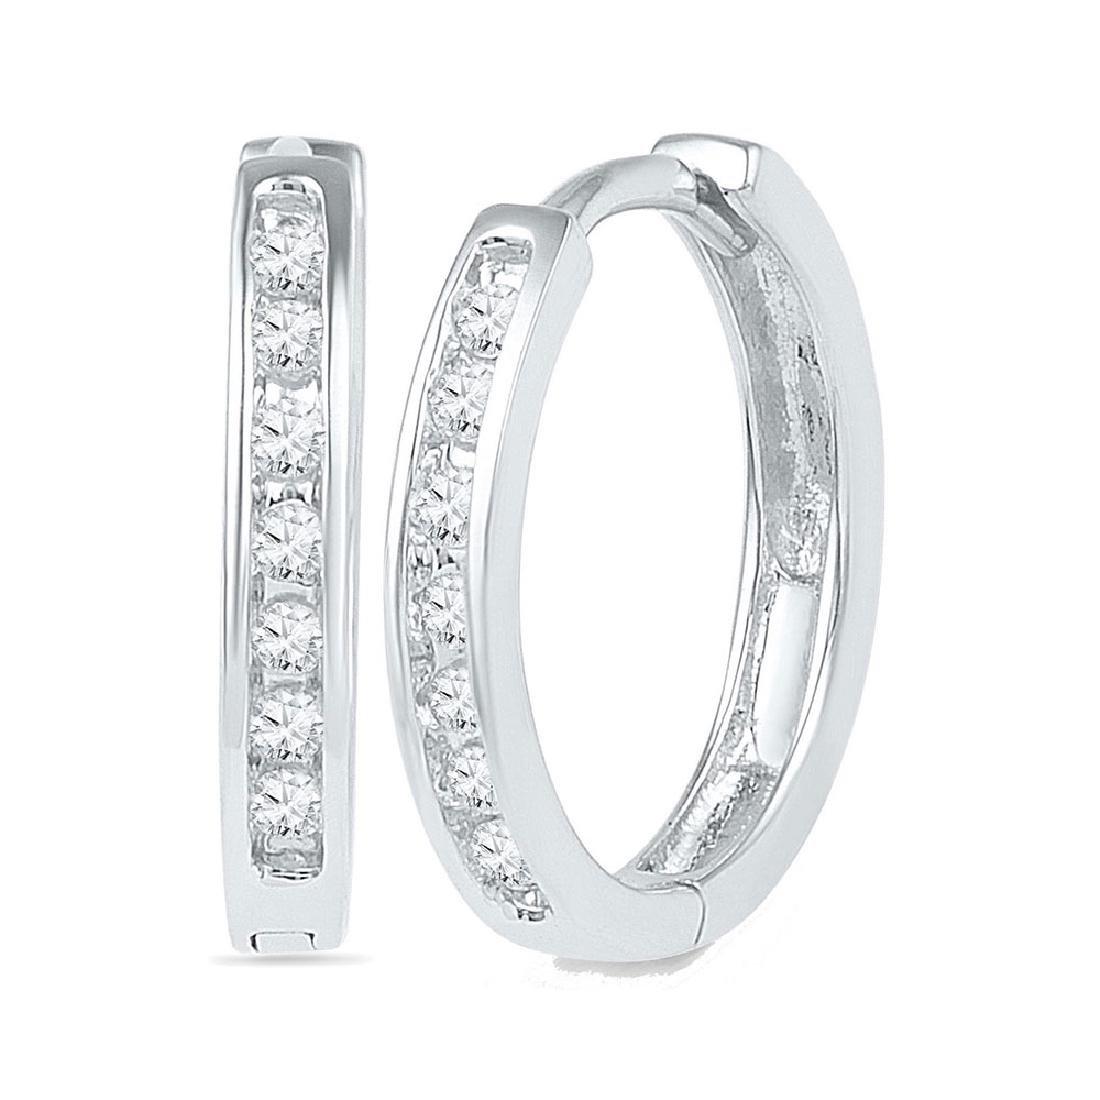 0.14 CTW Diamond Hoop Earrings 10KT White Gold -